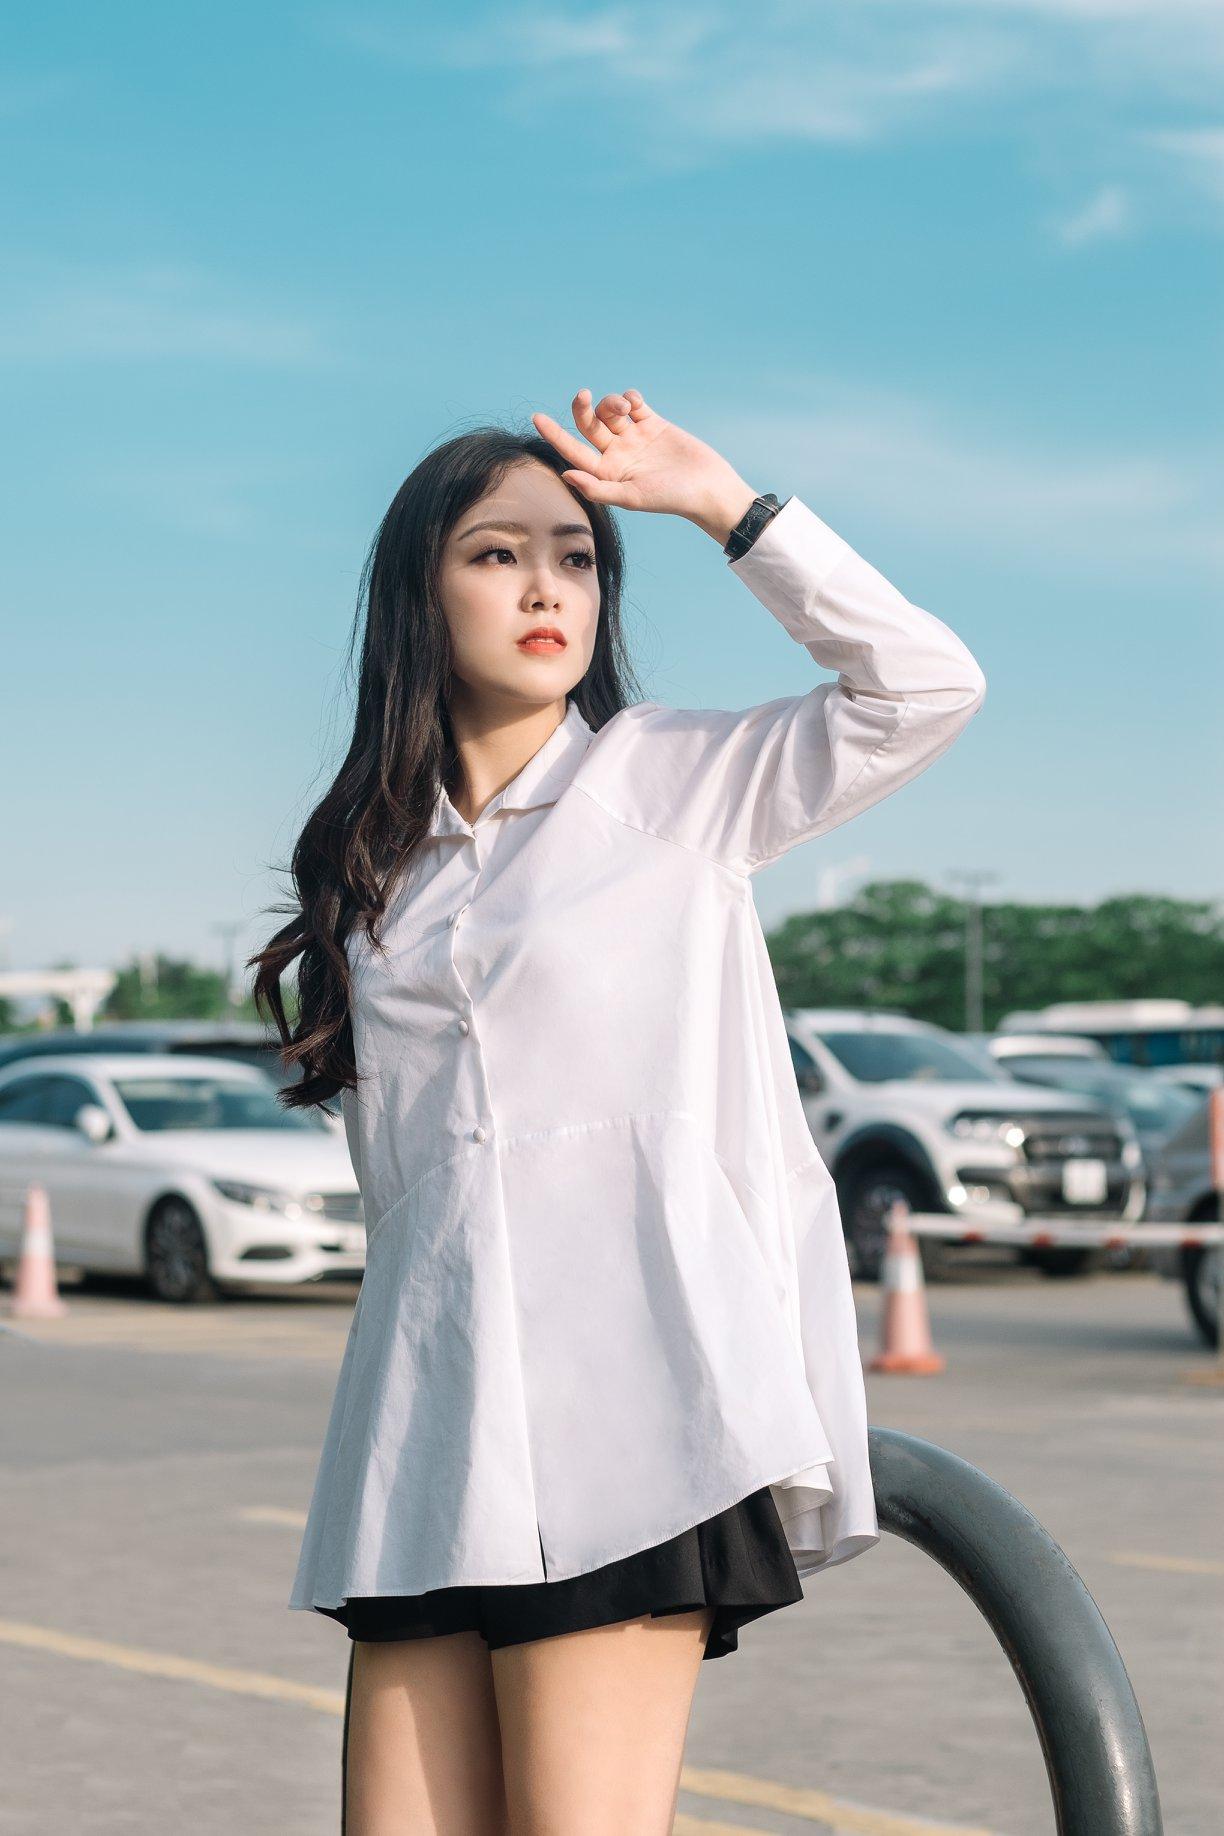 áo sơ mi trắng kiểu nữ